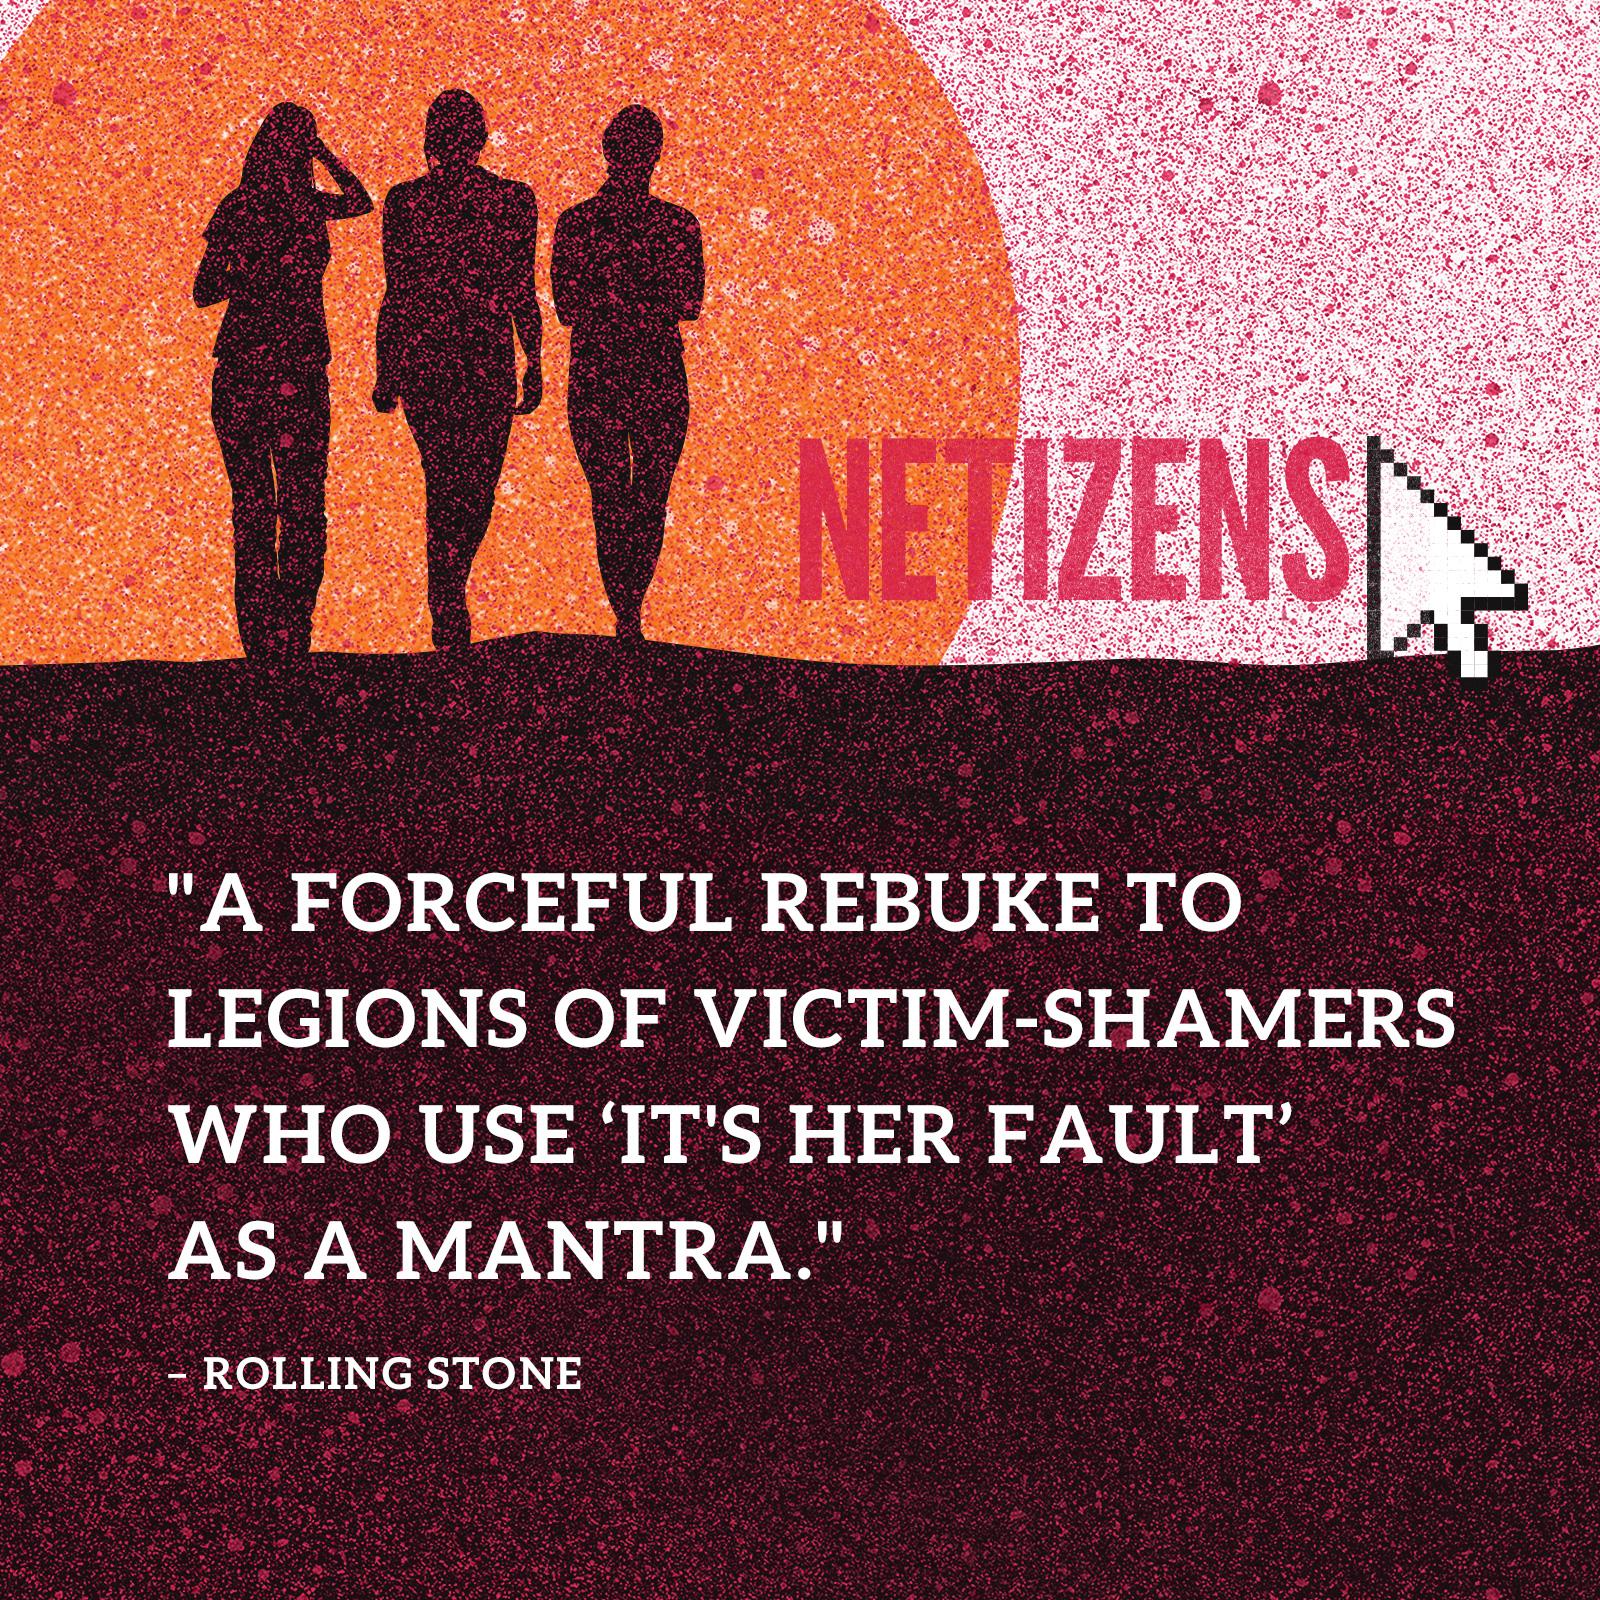 Netizens-PressQuote-2-v1.jpg